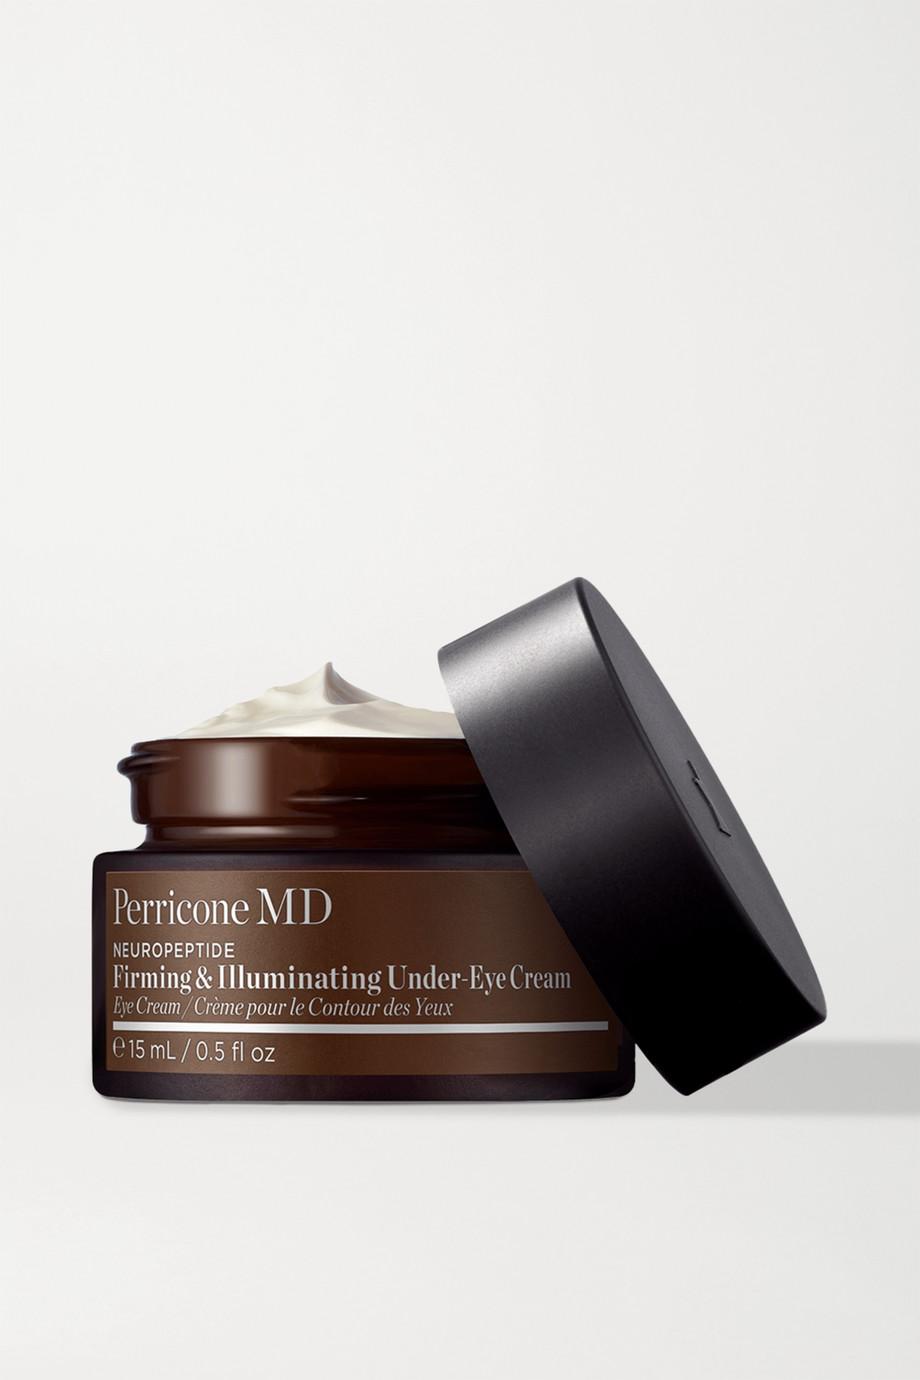 Perricone MD Soin raffermissant et illuminateur pour les yeux Neuropeptide, 15 ml